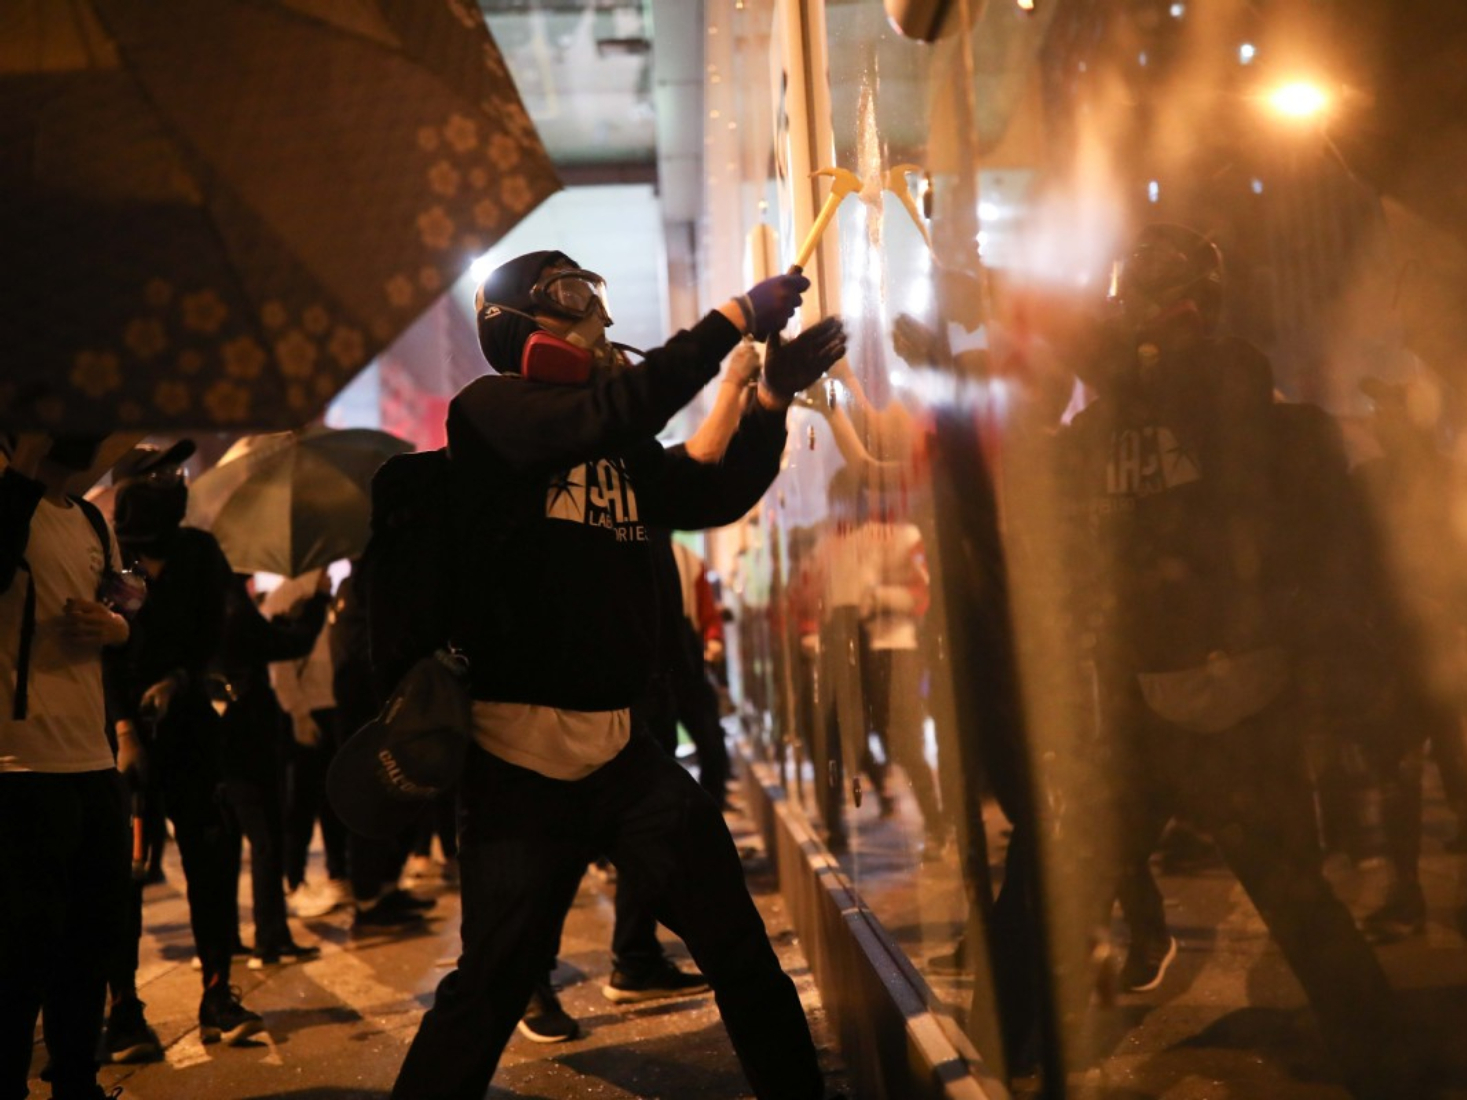 Robberies, burglaries on rise amid HK unrest